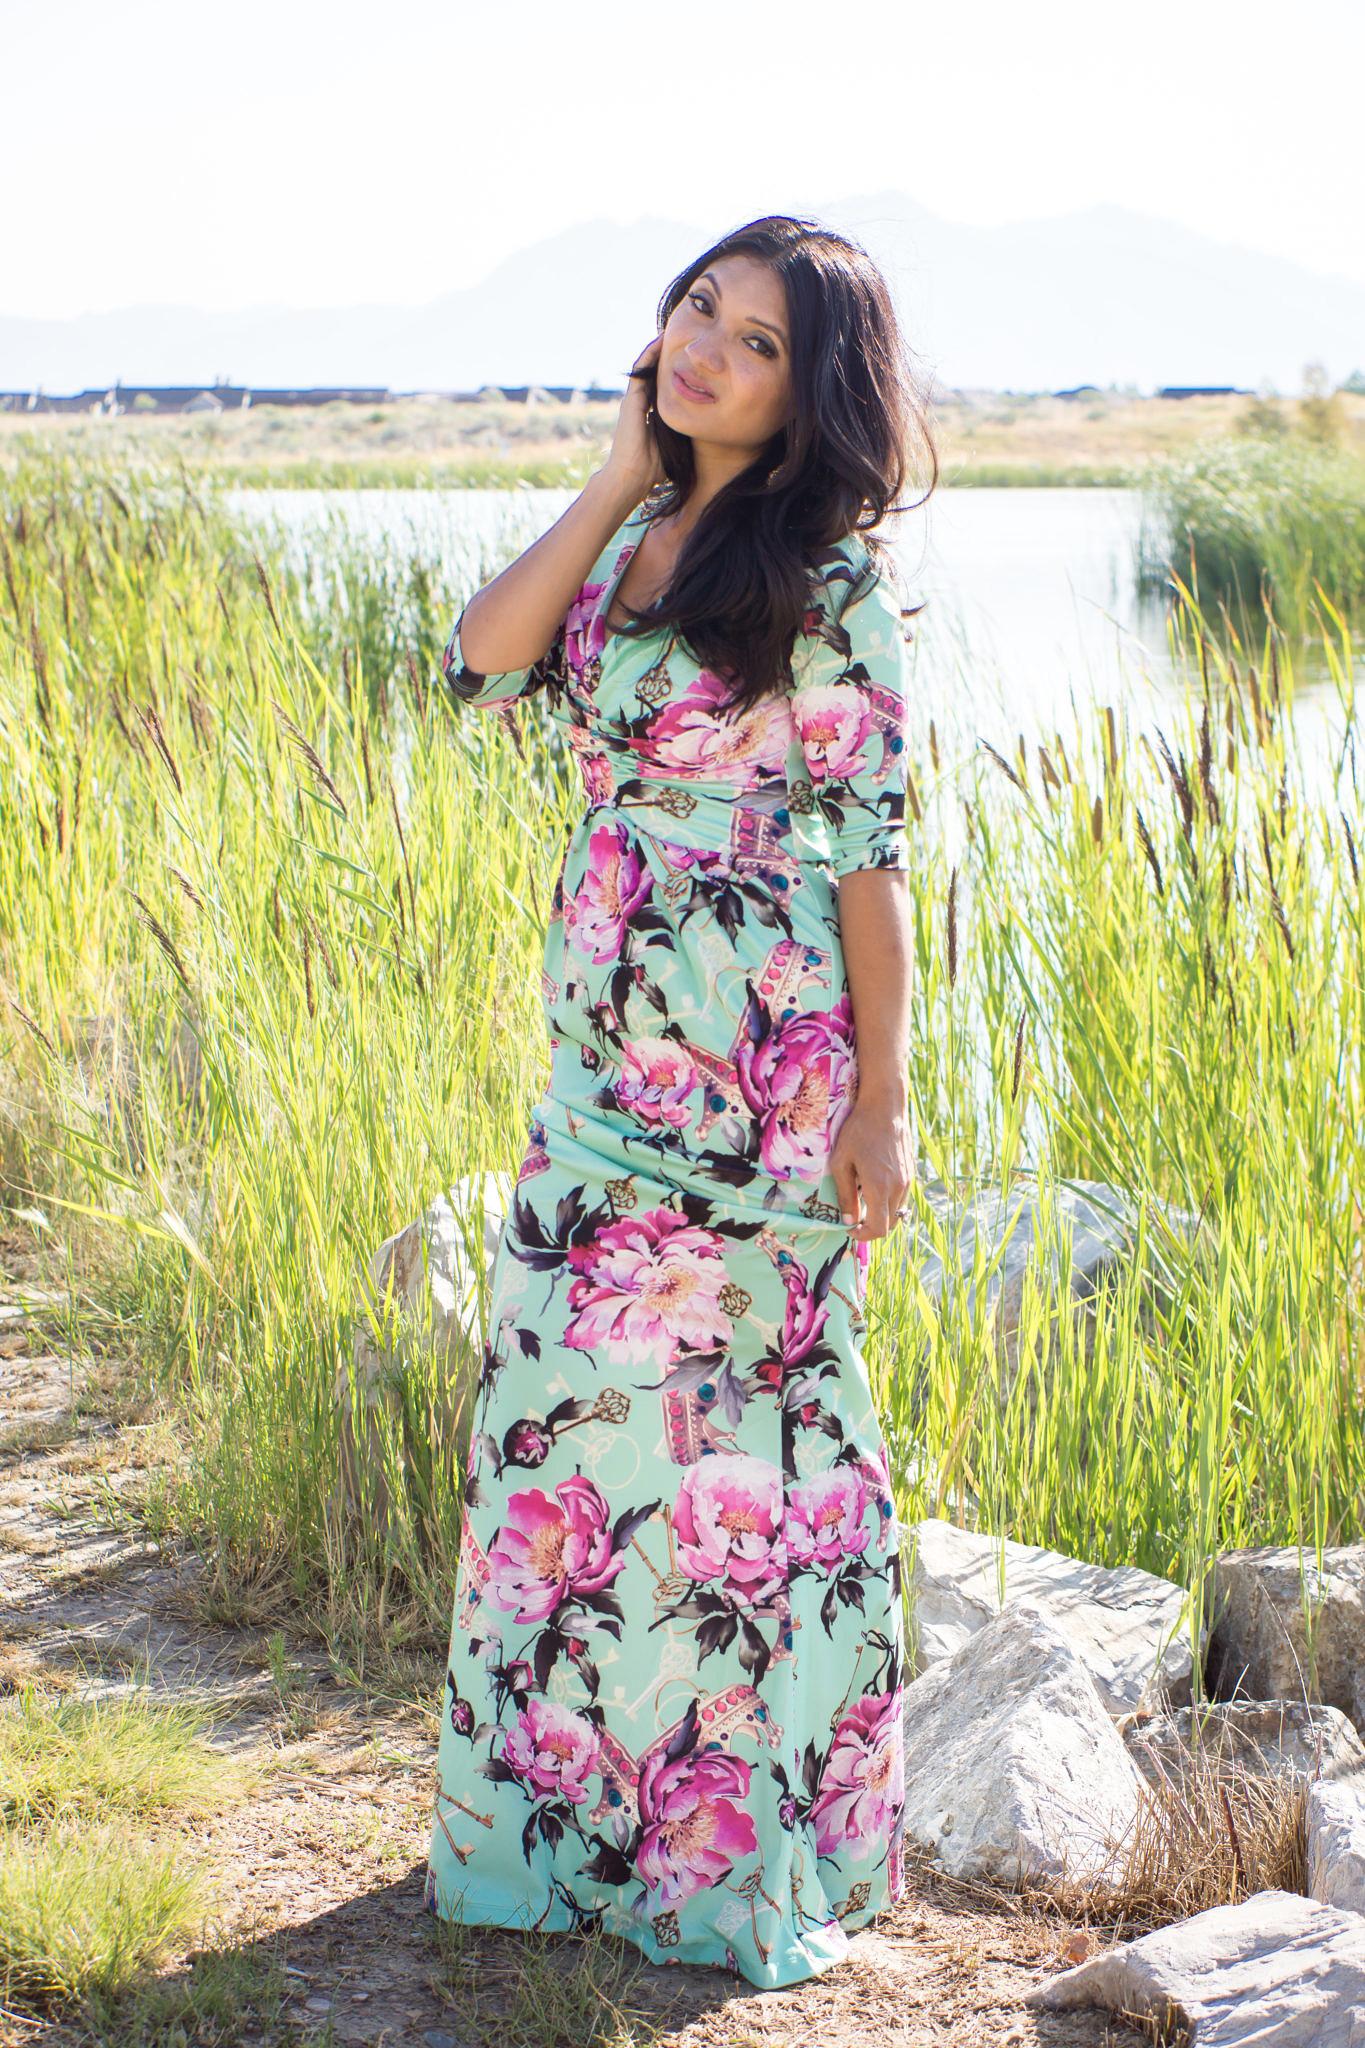 debbie-savage-big-floral-print-dress-3